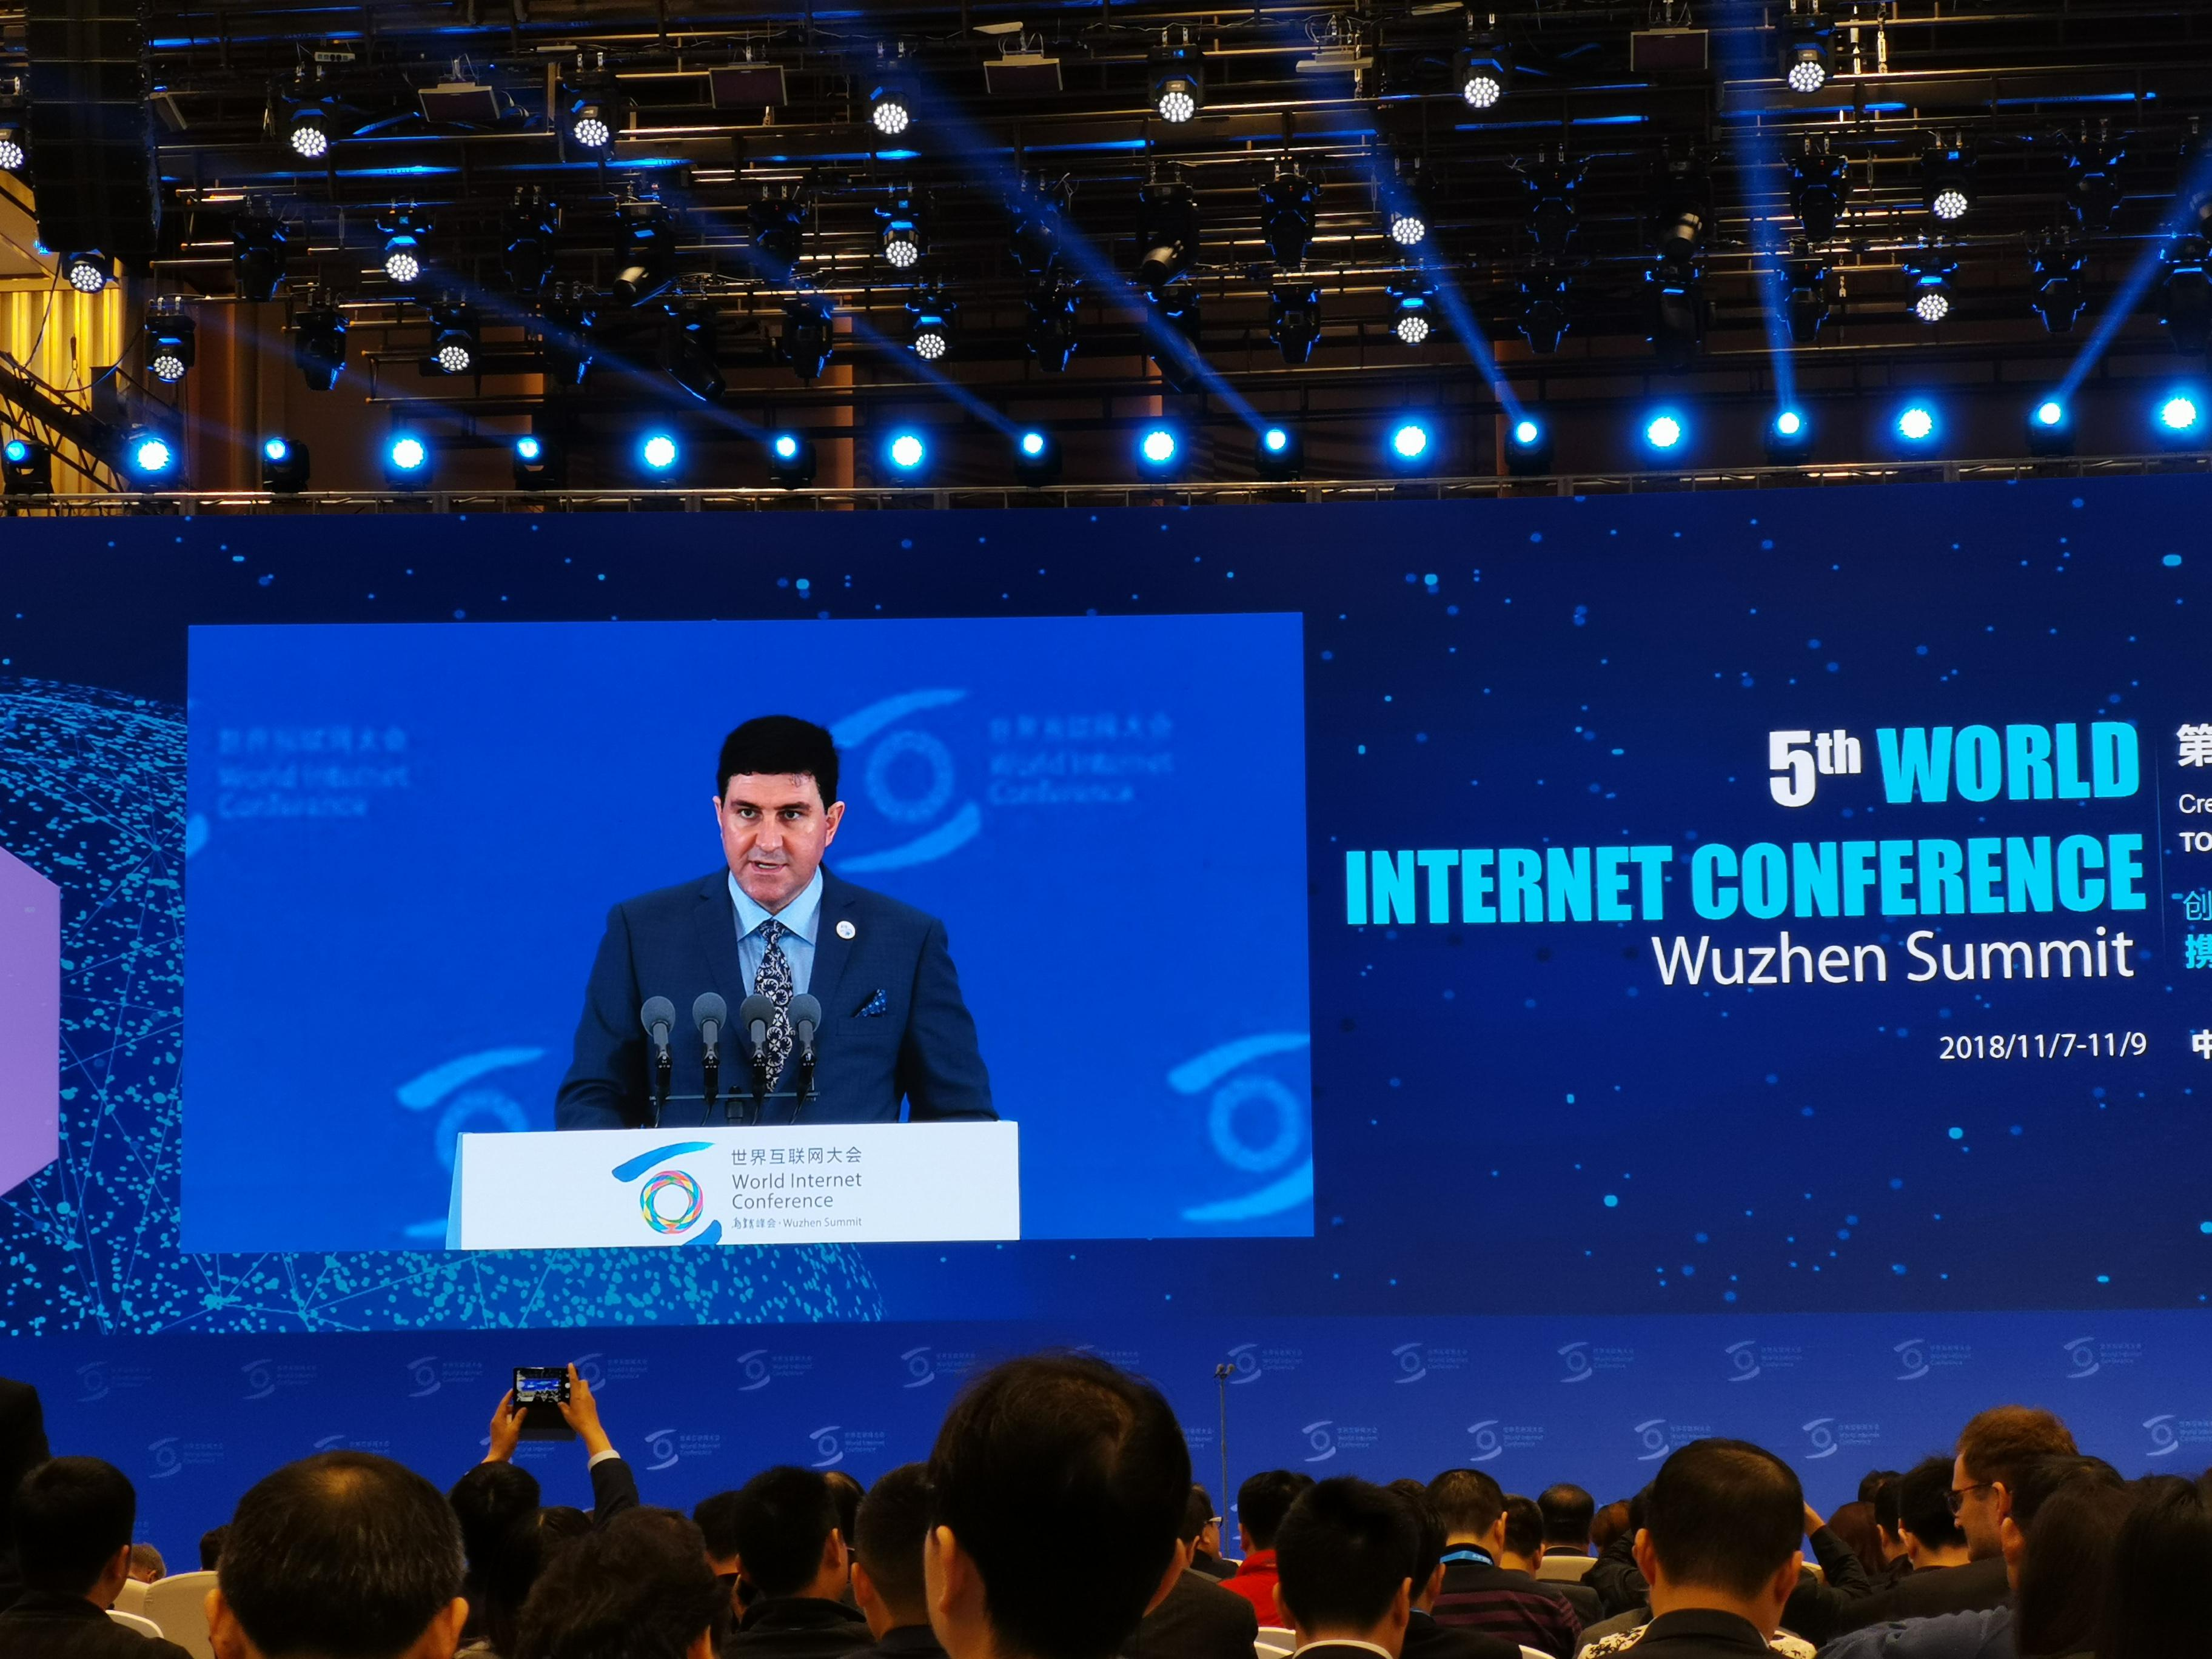 阿富汗信息技术部部长:技术是经济增长的重要途径